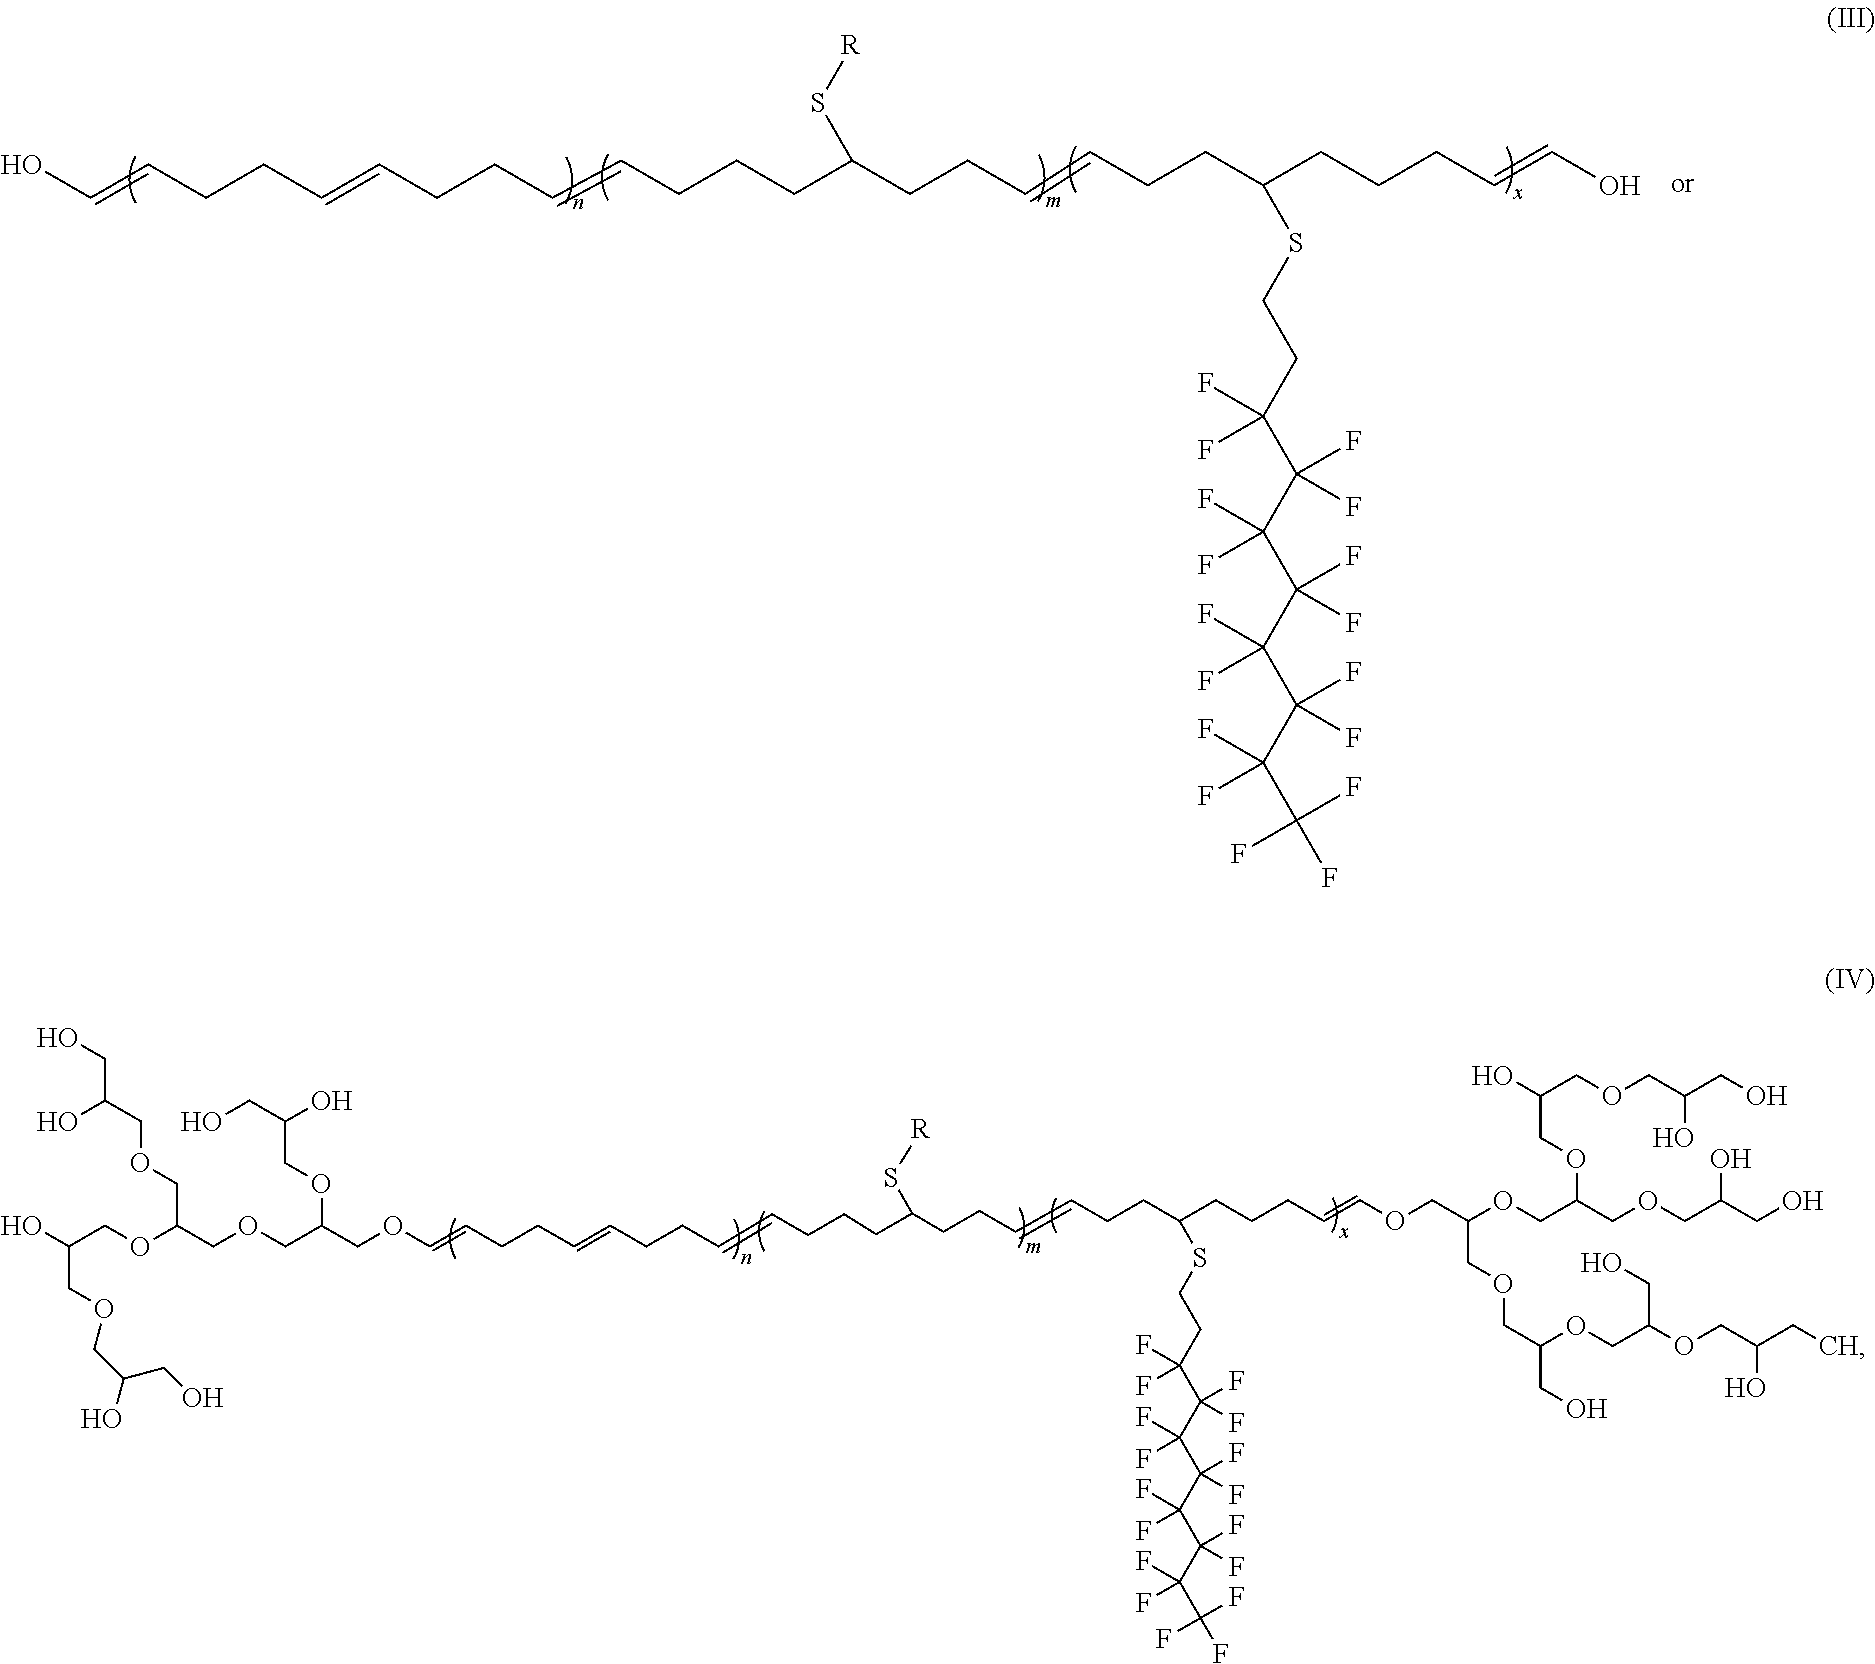 Figure US09630151-20170425-C00005